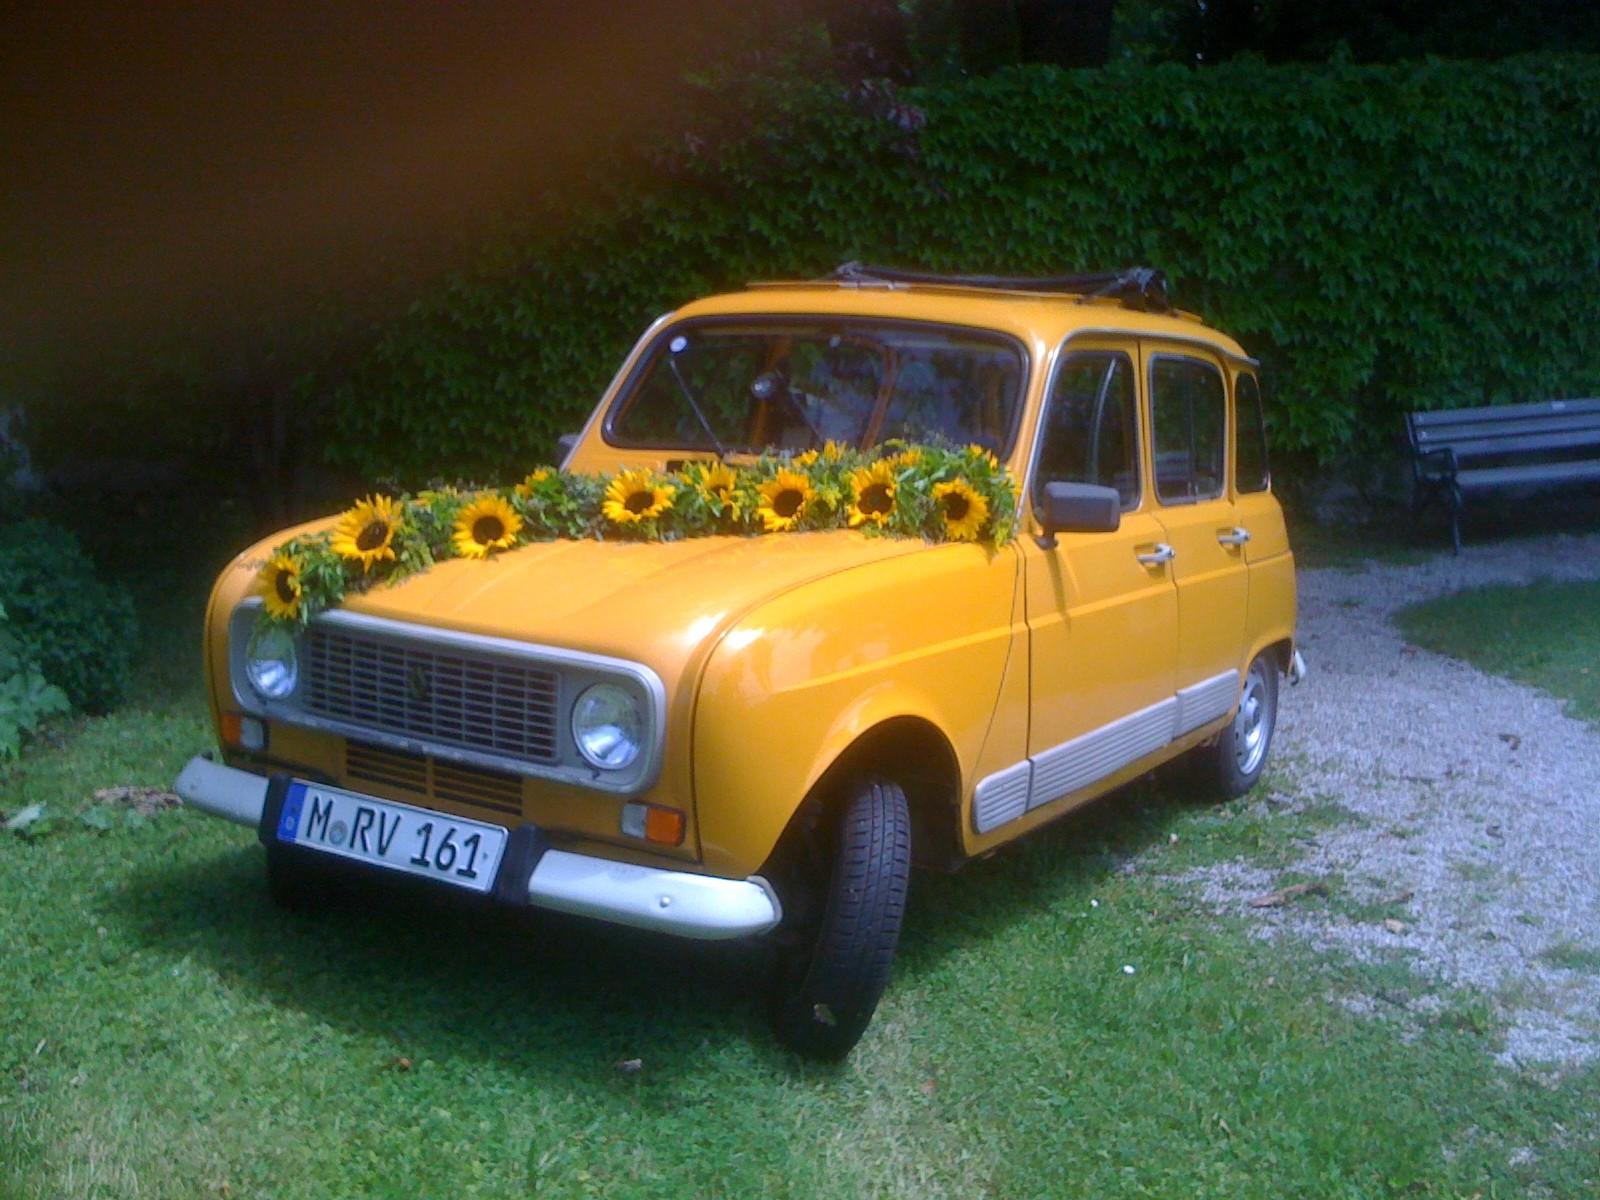 R4 Hochzeitsauto für Stefan & Alex